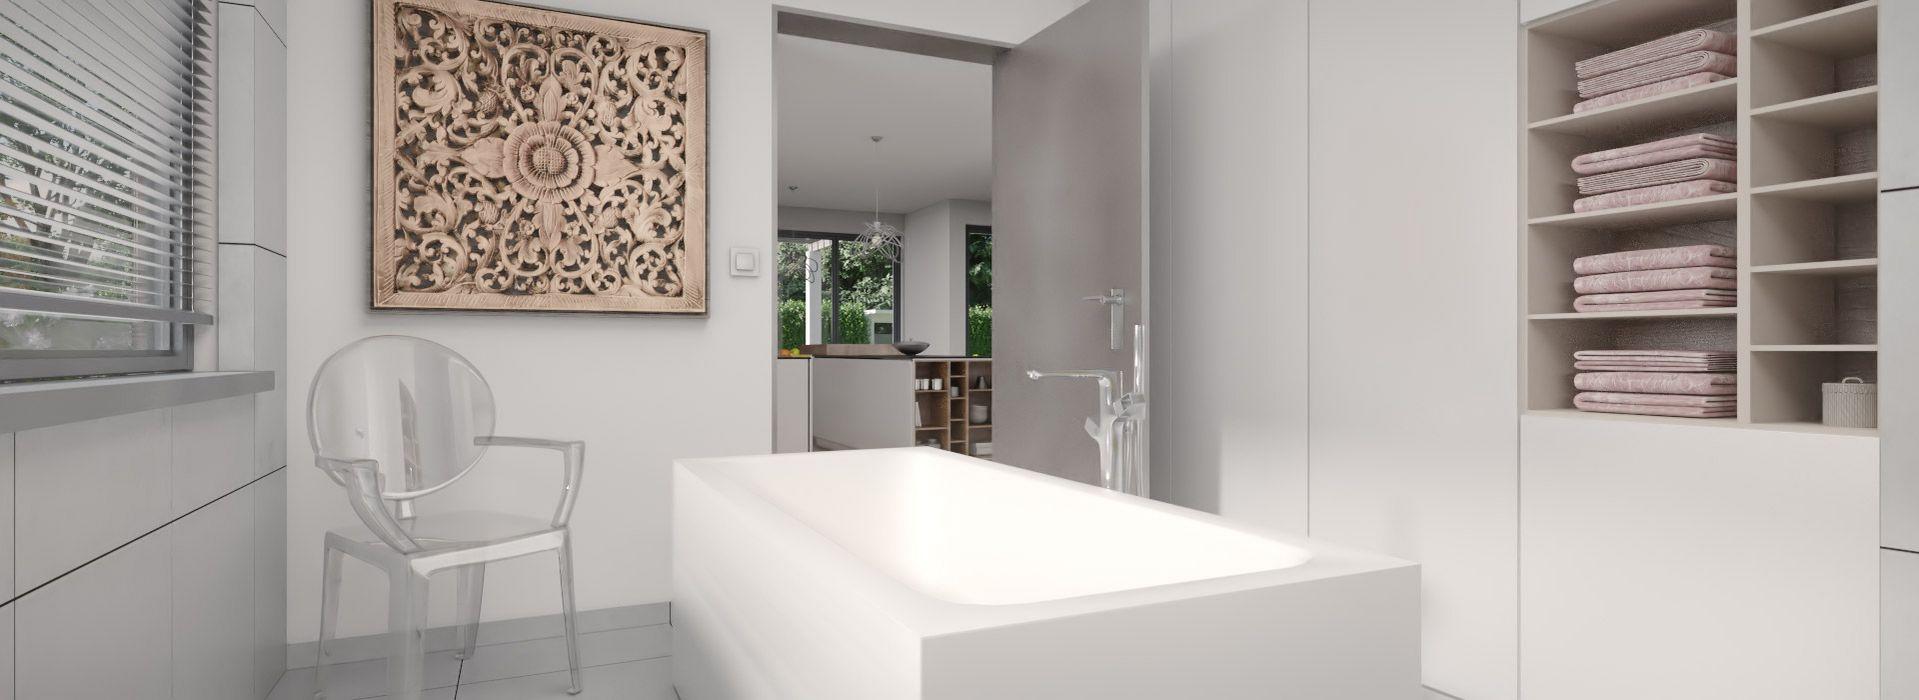 Mobel Salle De Bain salle de bain   kleiberit holz / möbel